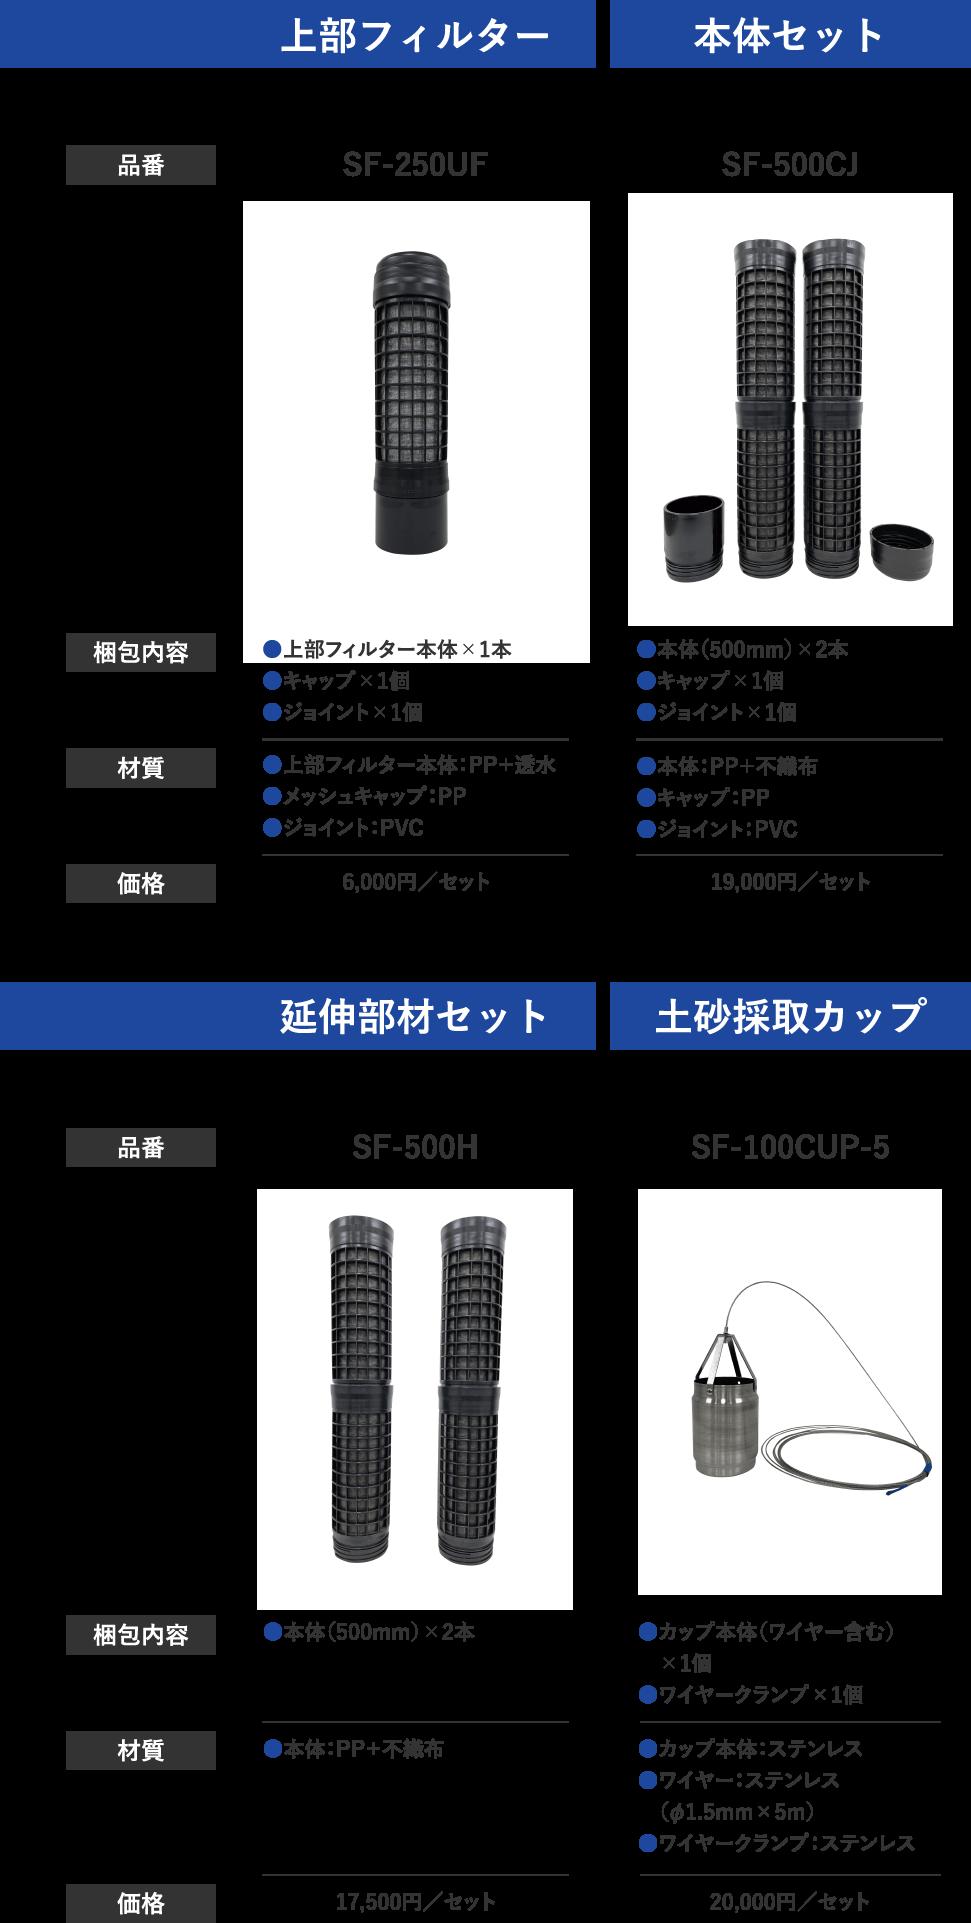 製品スペック/仕様